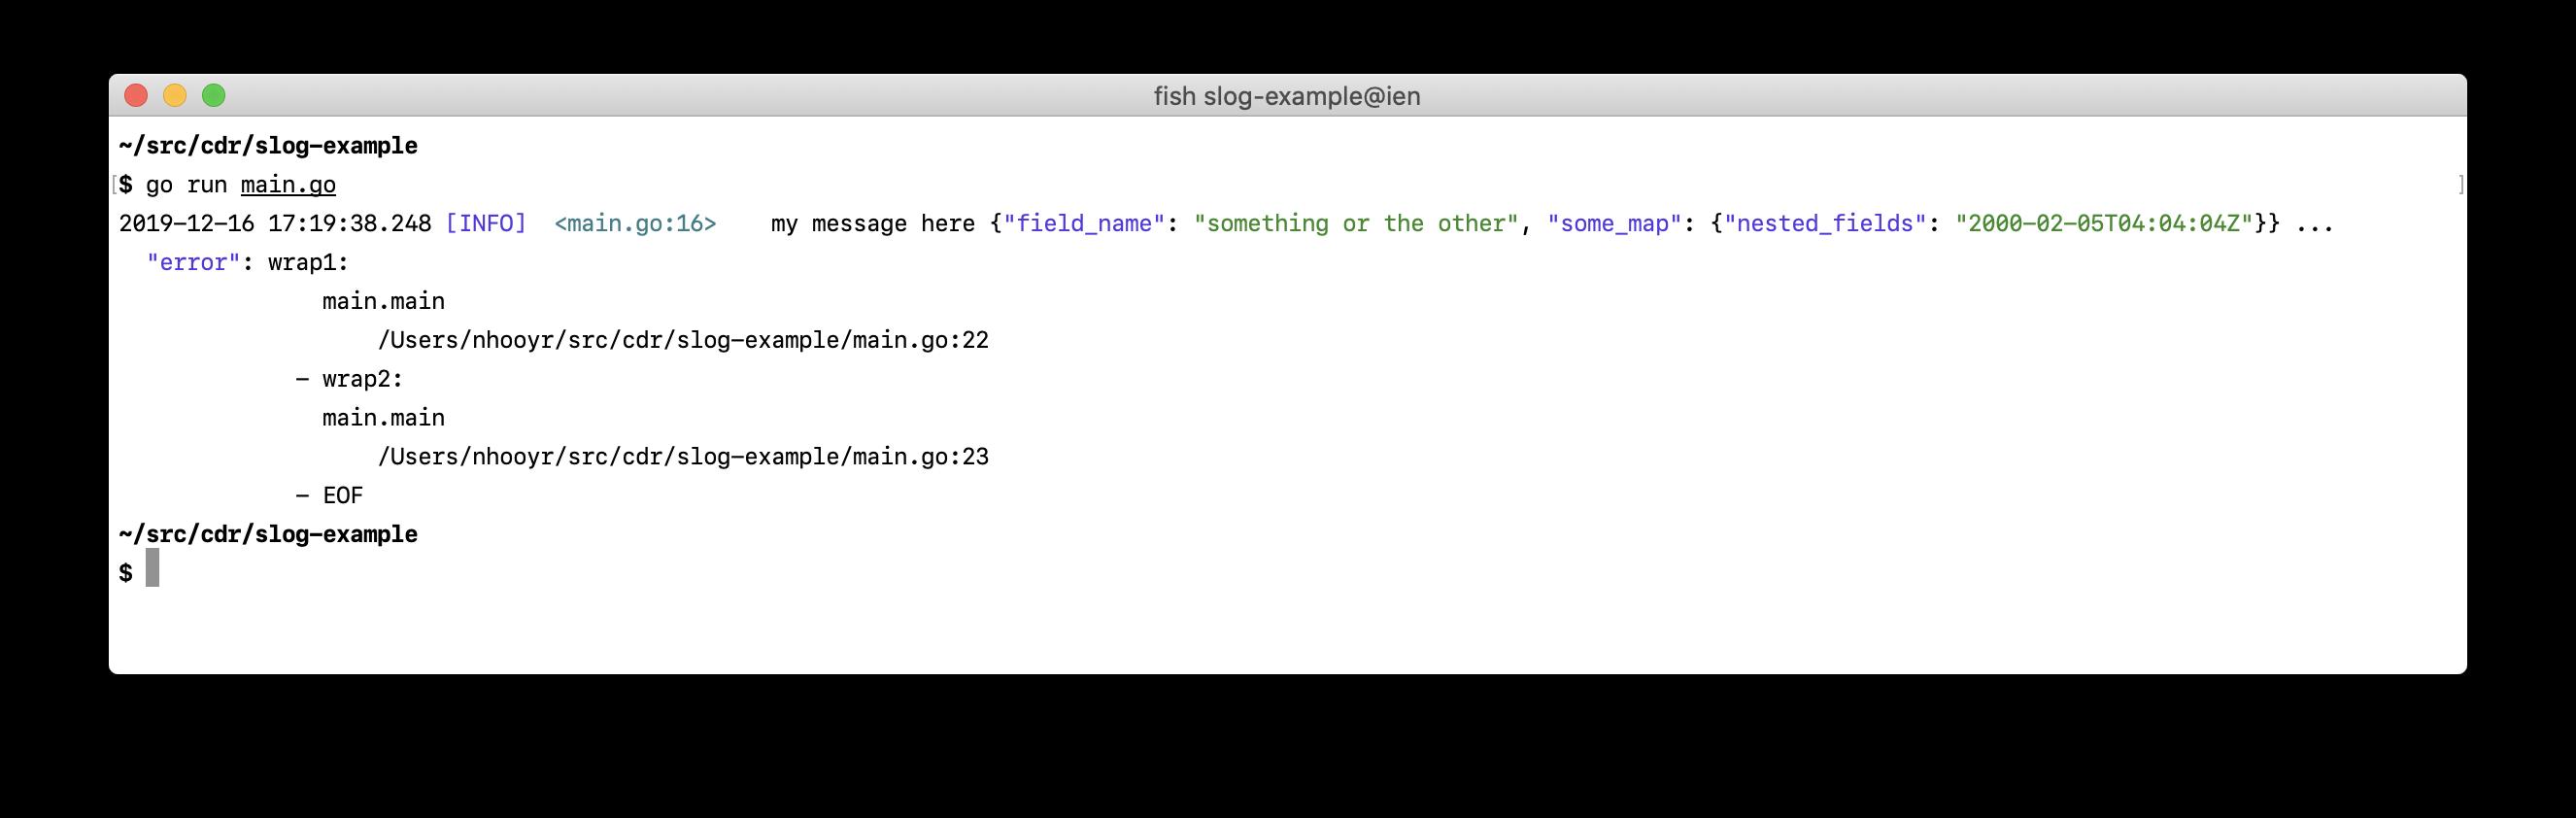 Example output screenshot